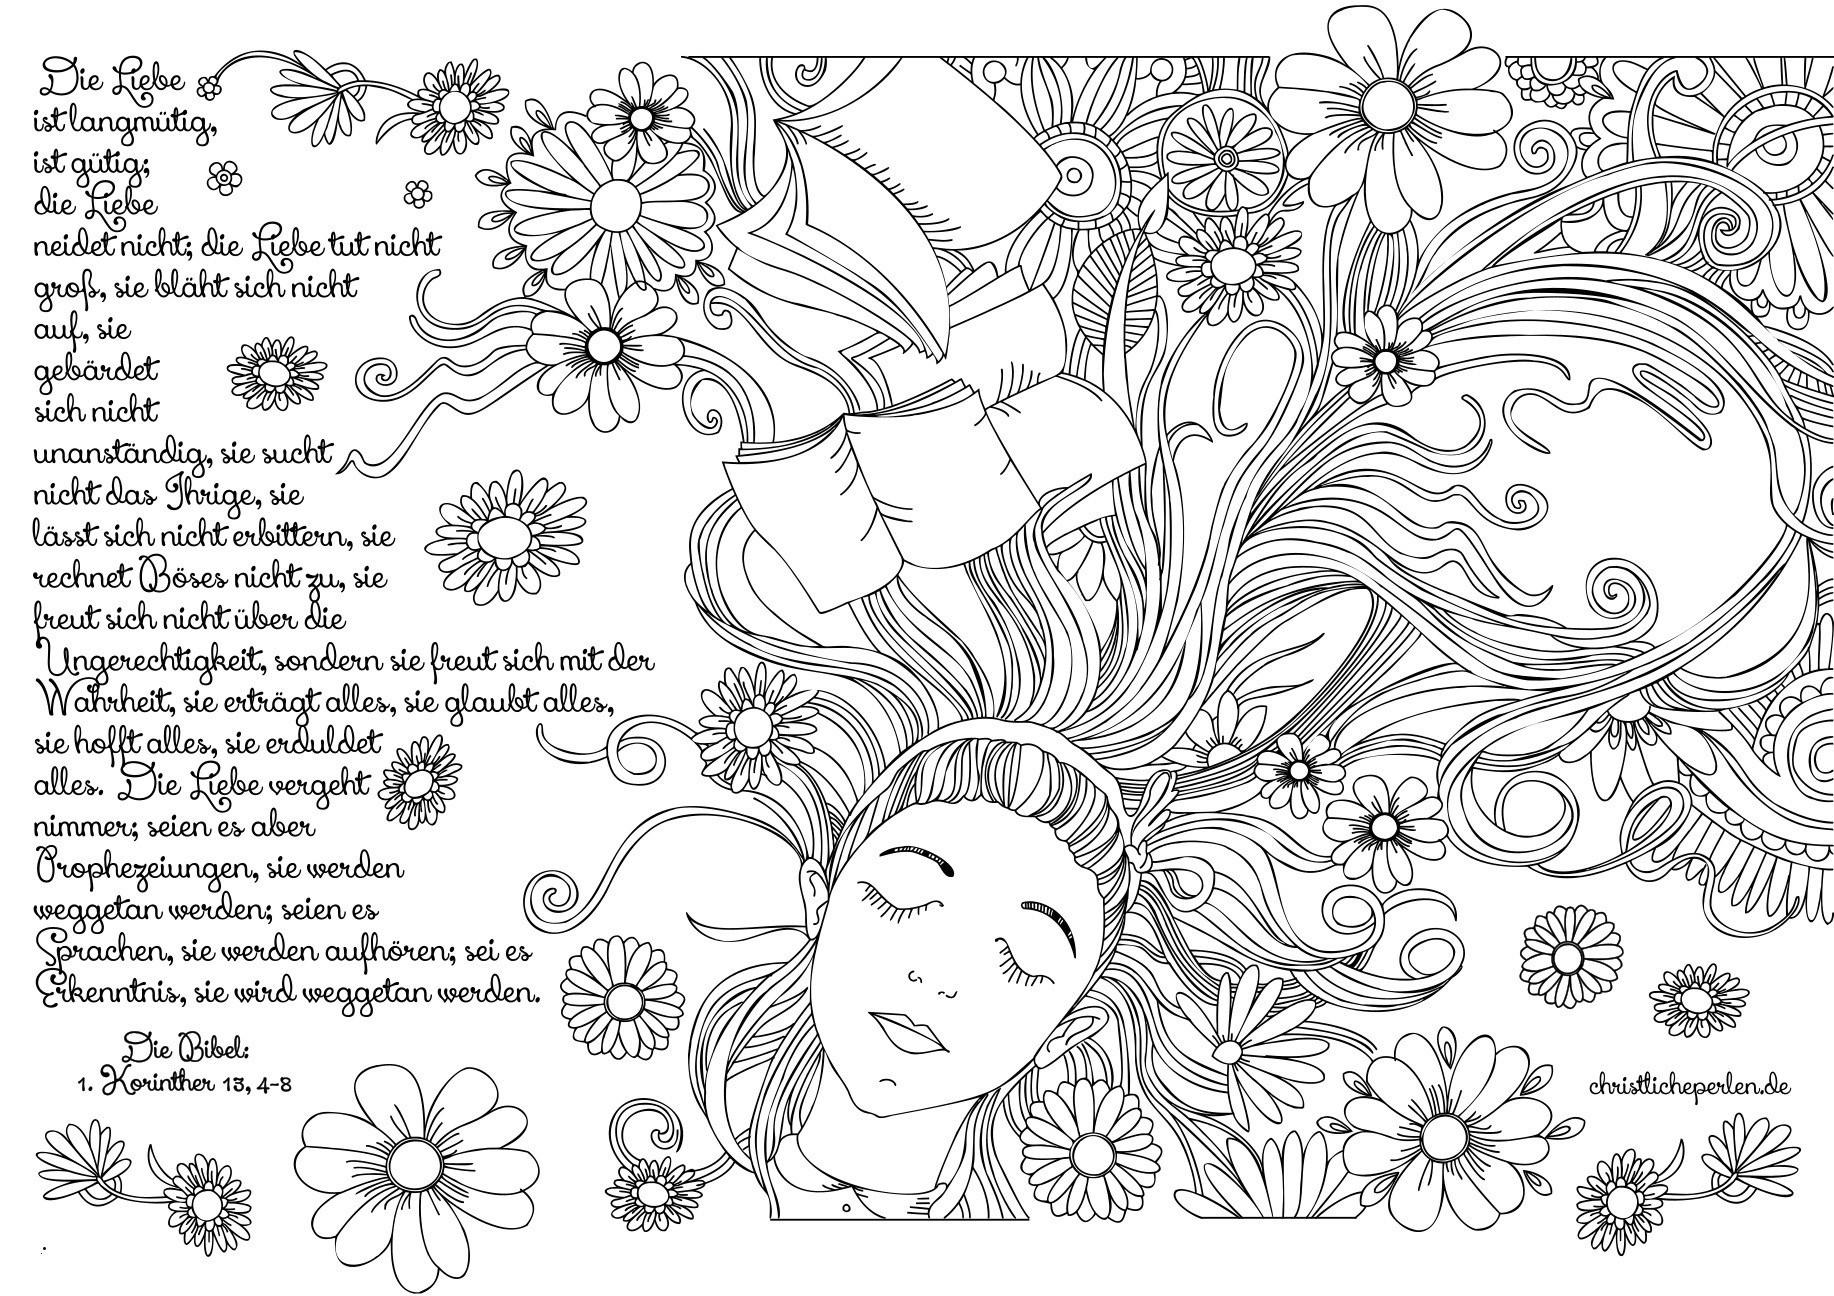 Ausmalbilder Herbst Kostenlos Ausdrucken Genial 40 Entwurf Ausmalbilder Mandala Herbst Treehouse Nyc Bilder